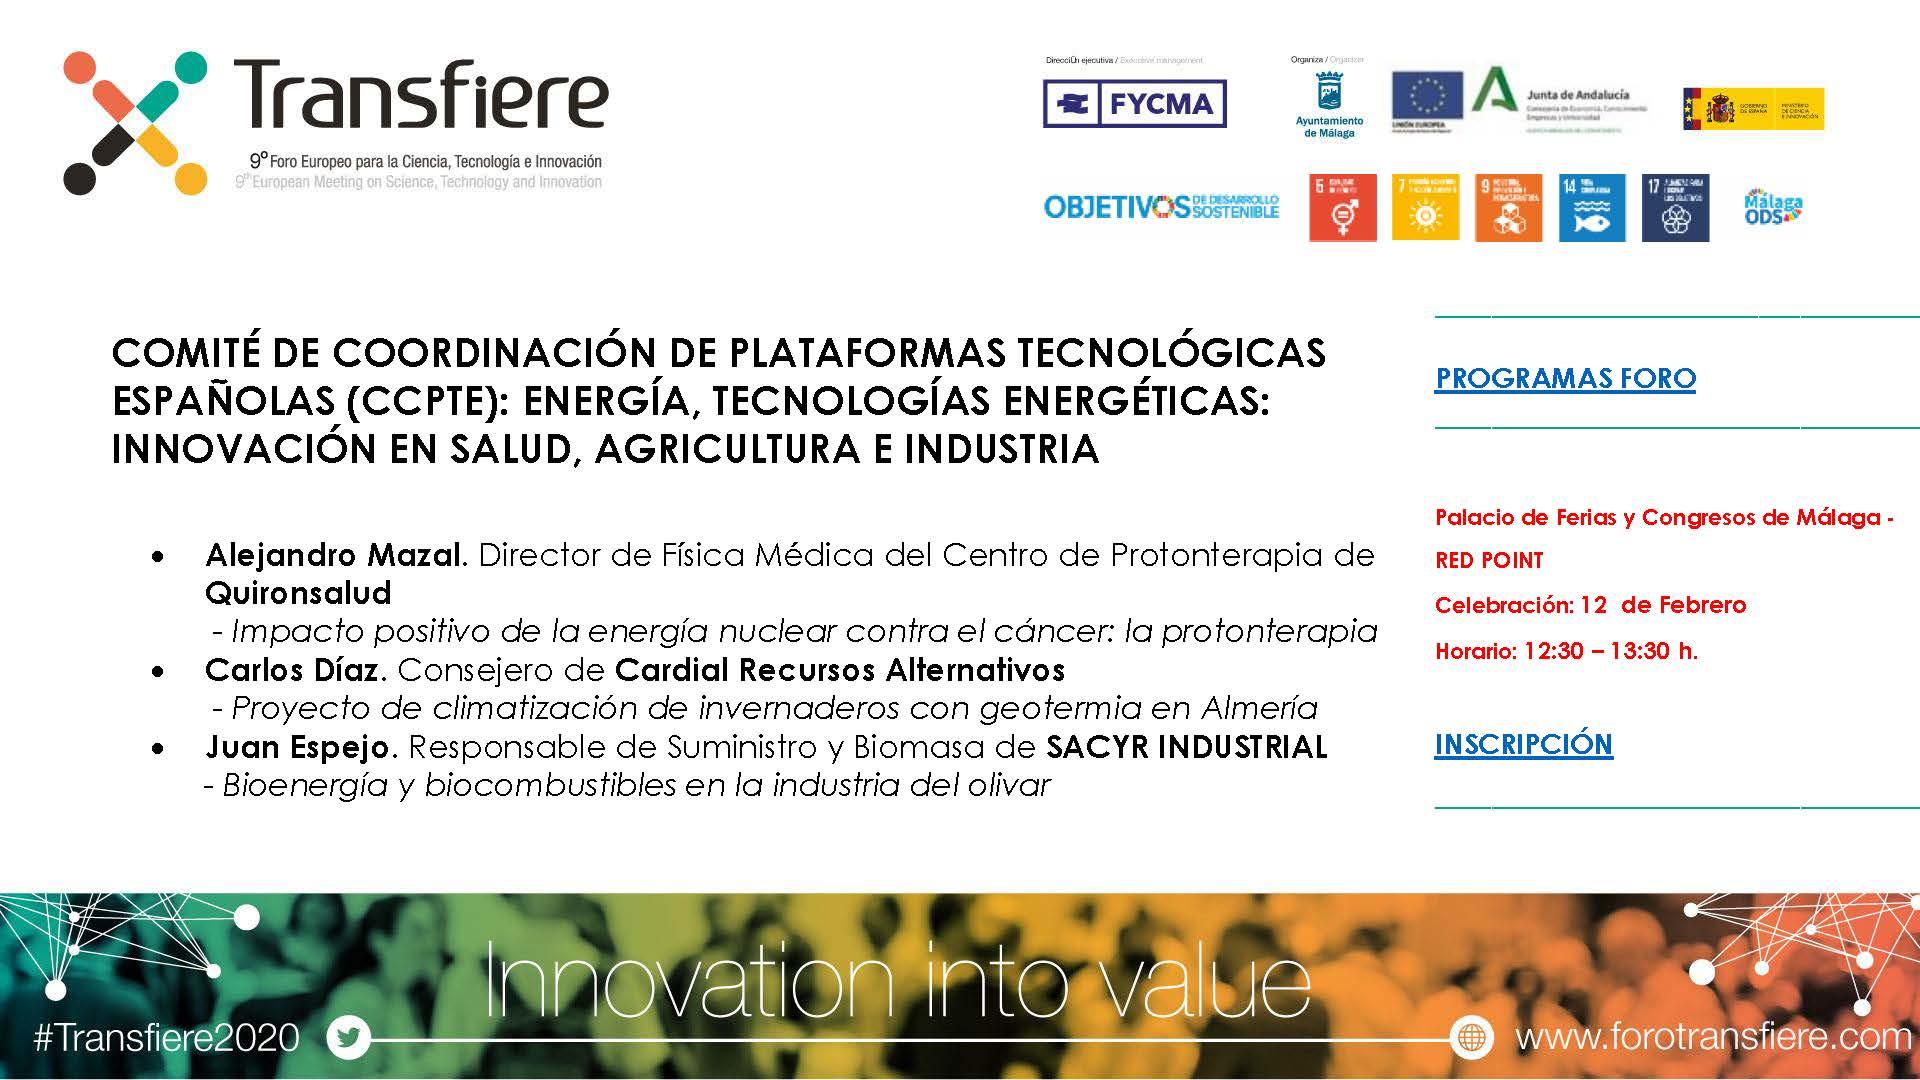 Tecnologías energéticas: innovación en salud, agricultura e industria (Málaga, 12 feb 2020)